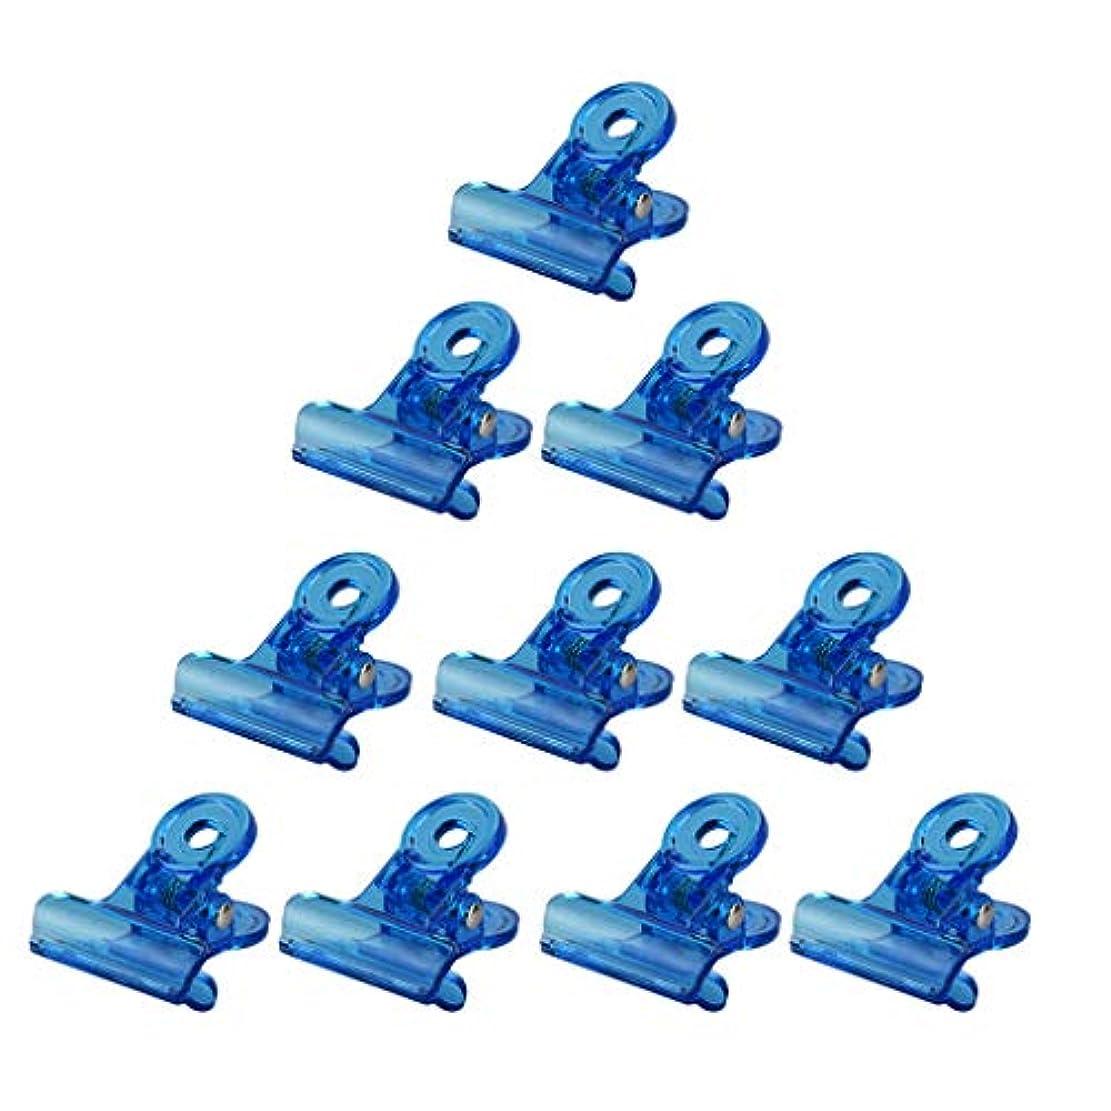 苗介入する工業用ネイルアート マニキュア クリップ オフ アクリル リムーバークリップ 再利用可能な 全4色 - 青